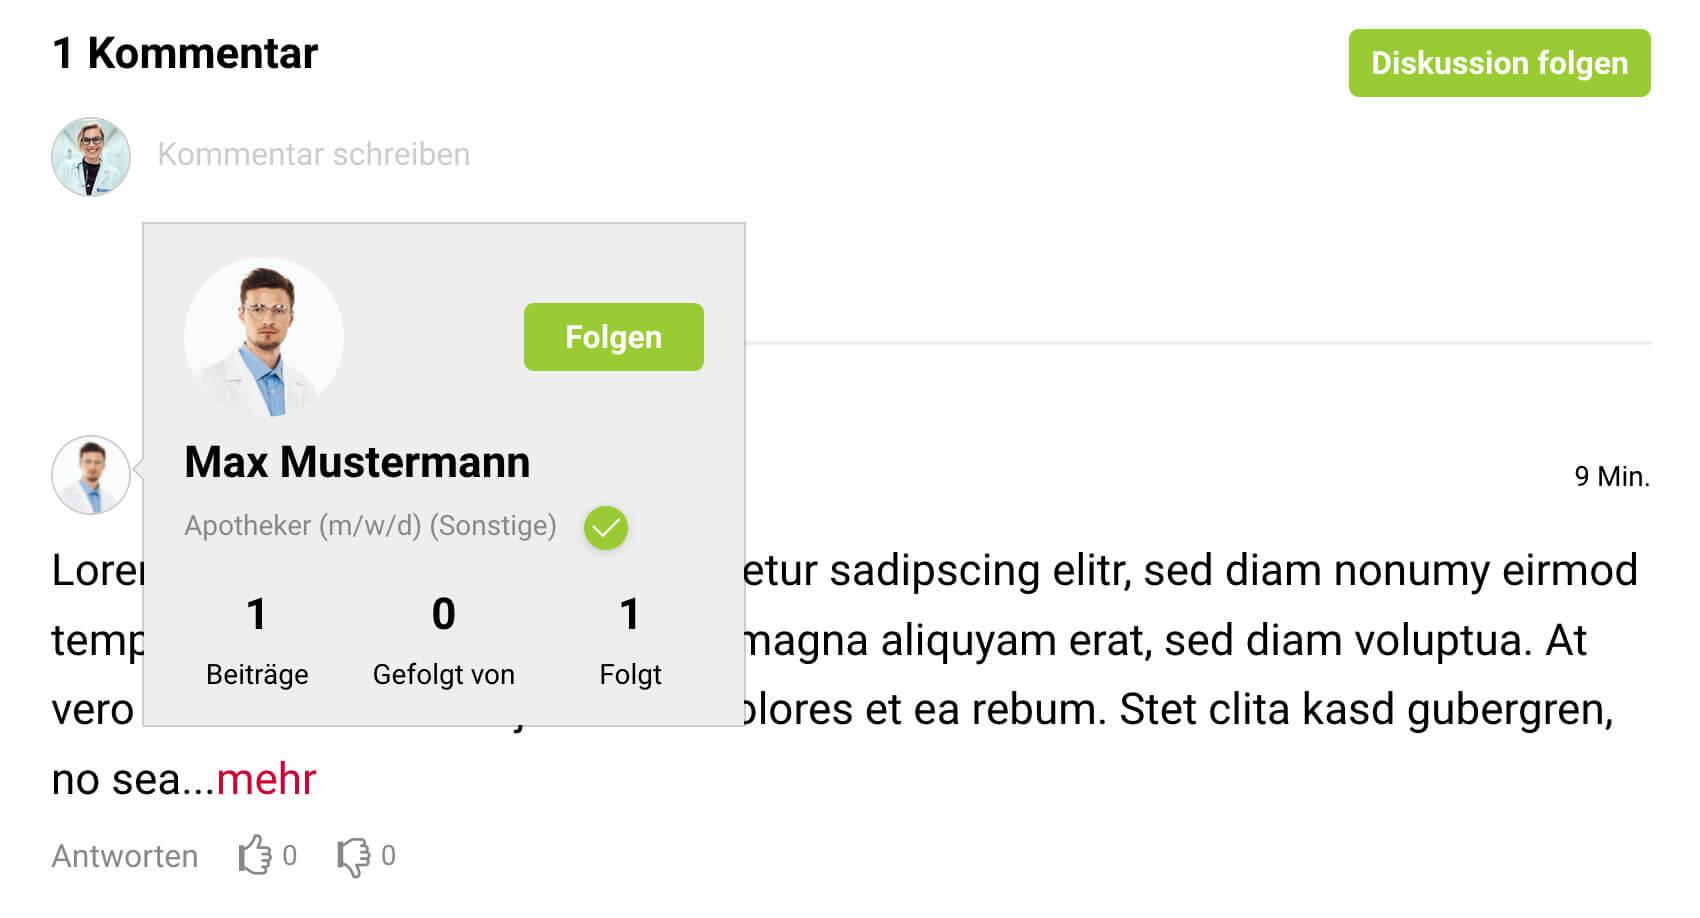 kommentarbereich_folgen-button_max_de_original.jpg